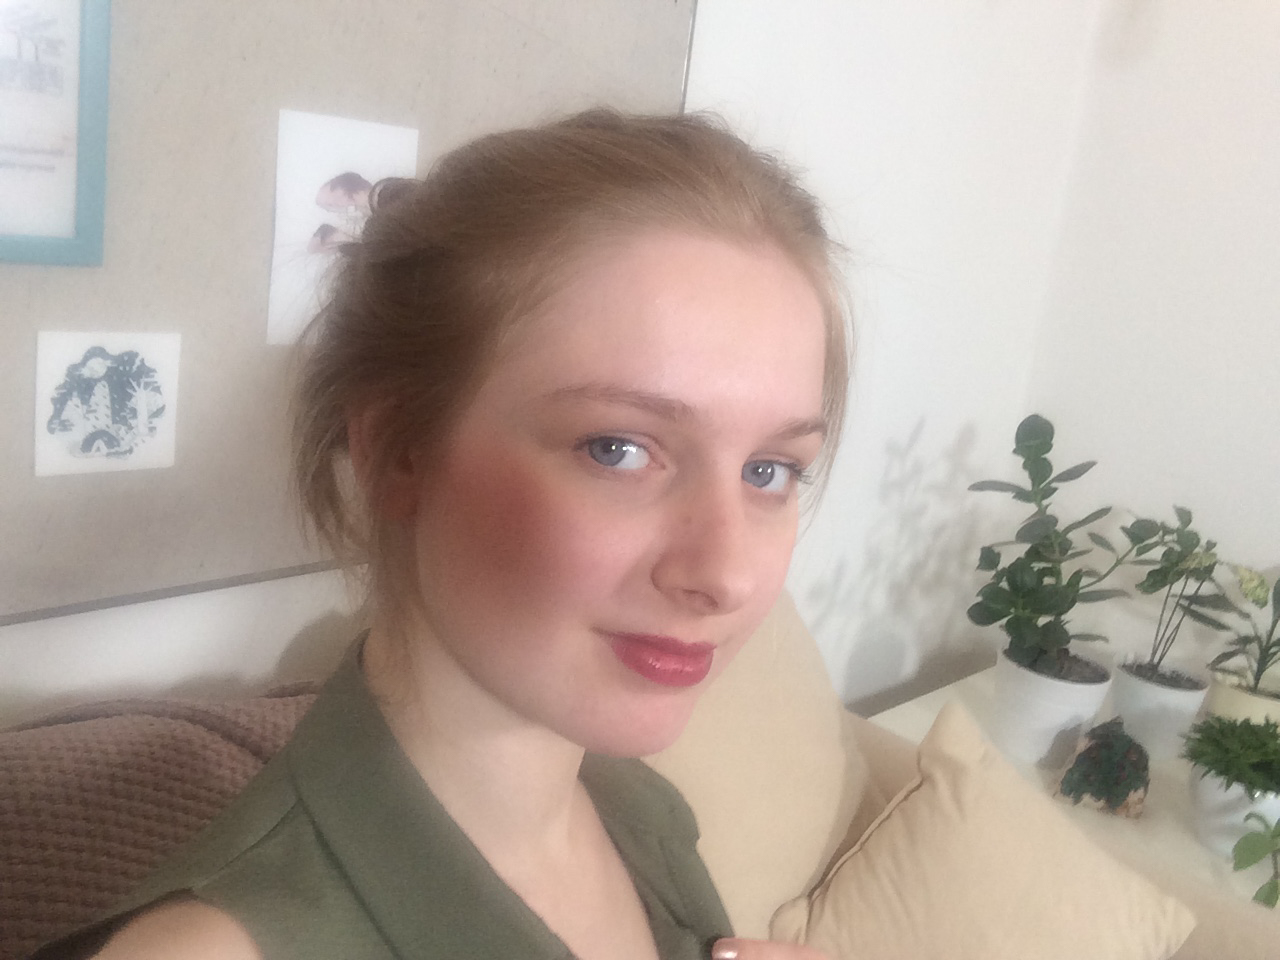 Ersties.com - Ginny 7